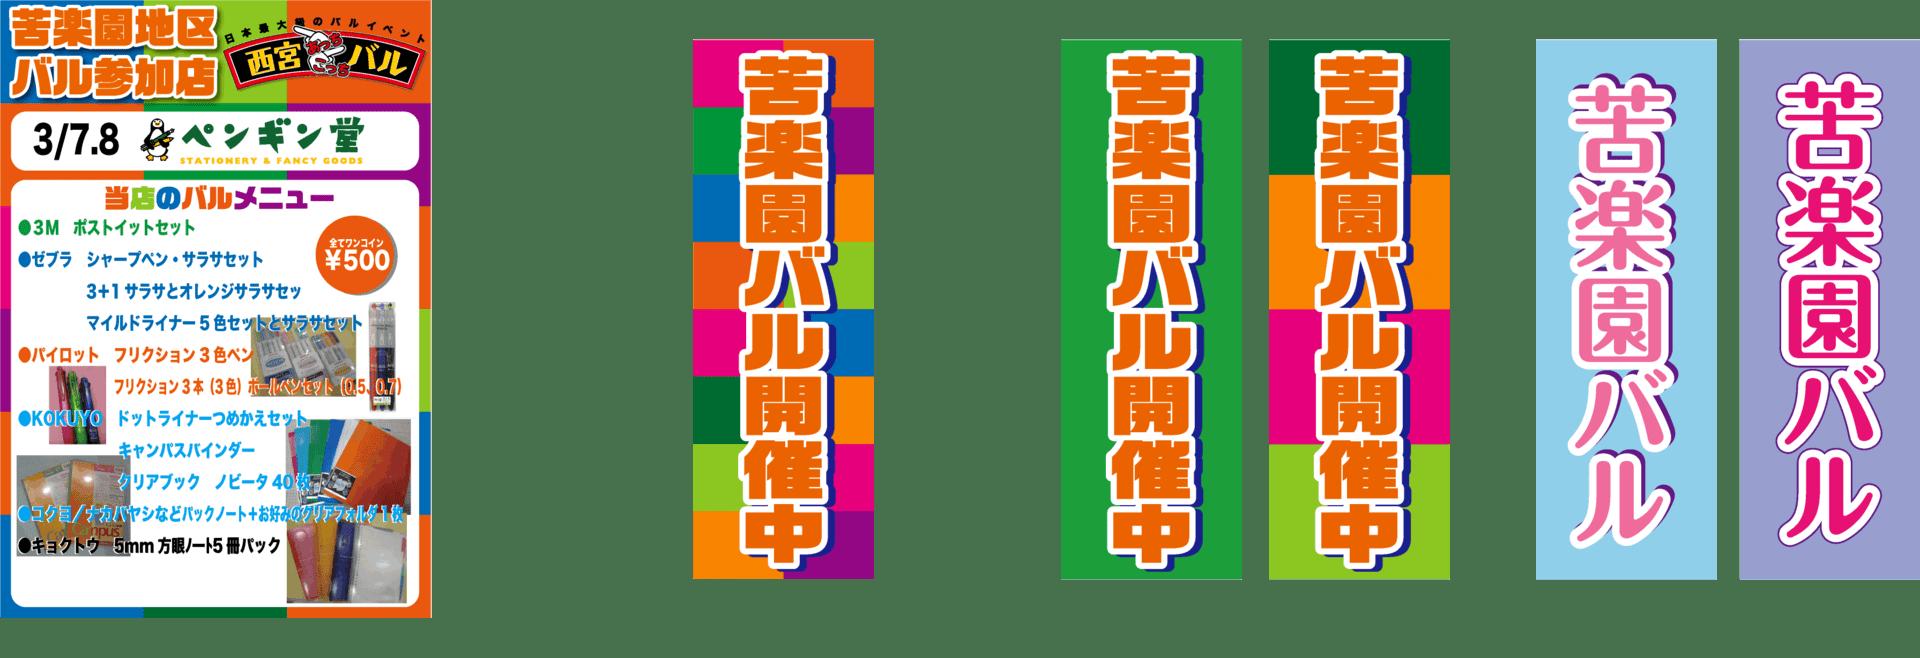 5ab41fd149 2014年3月のブログ記事一覧(2ページ目)-苦楽園口ペンギン堂 文房具のお店